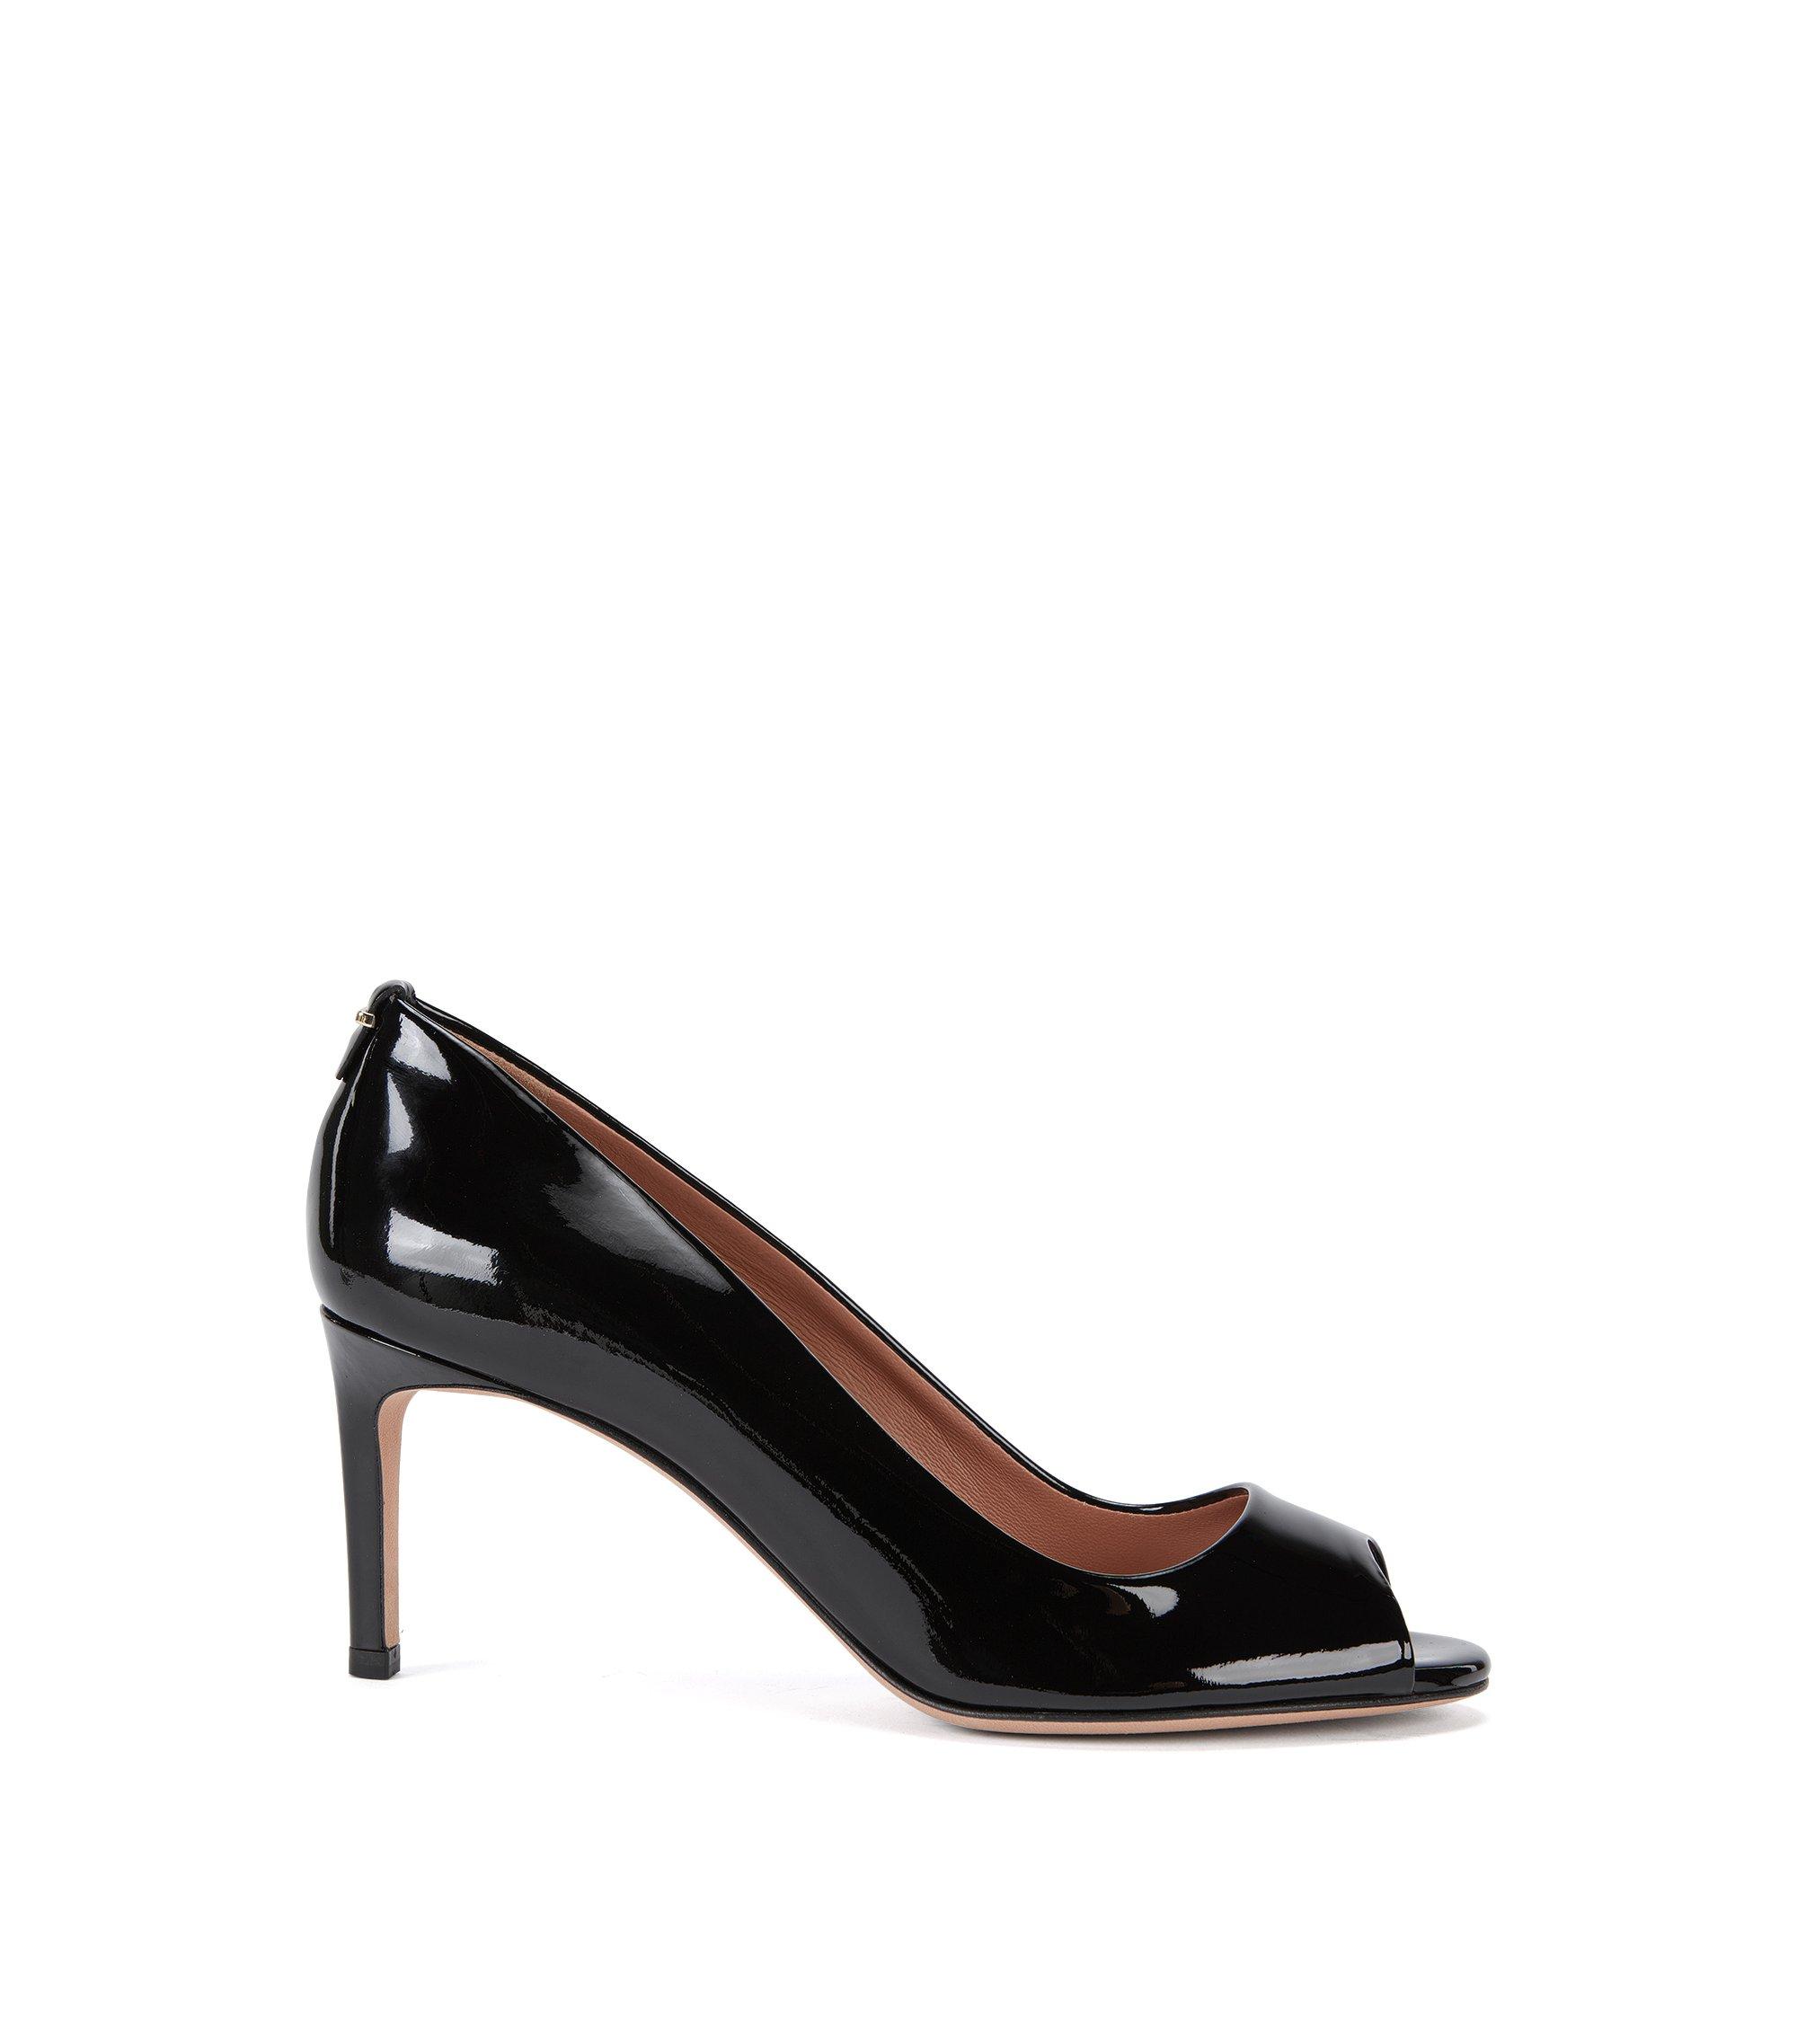 Escarpins à bout ouvert BOSS Luxury Staple en cuir italien verni, Noir